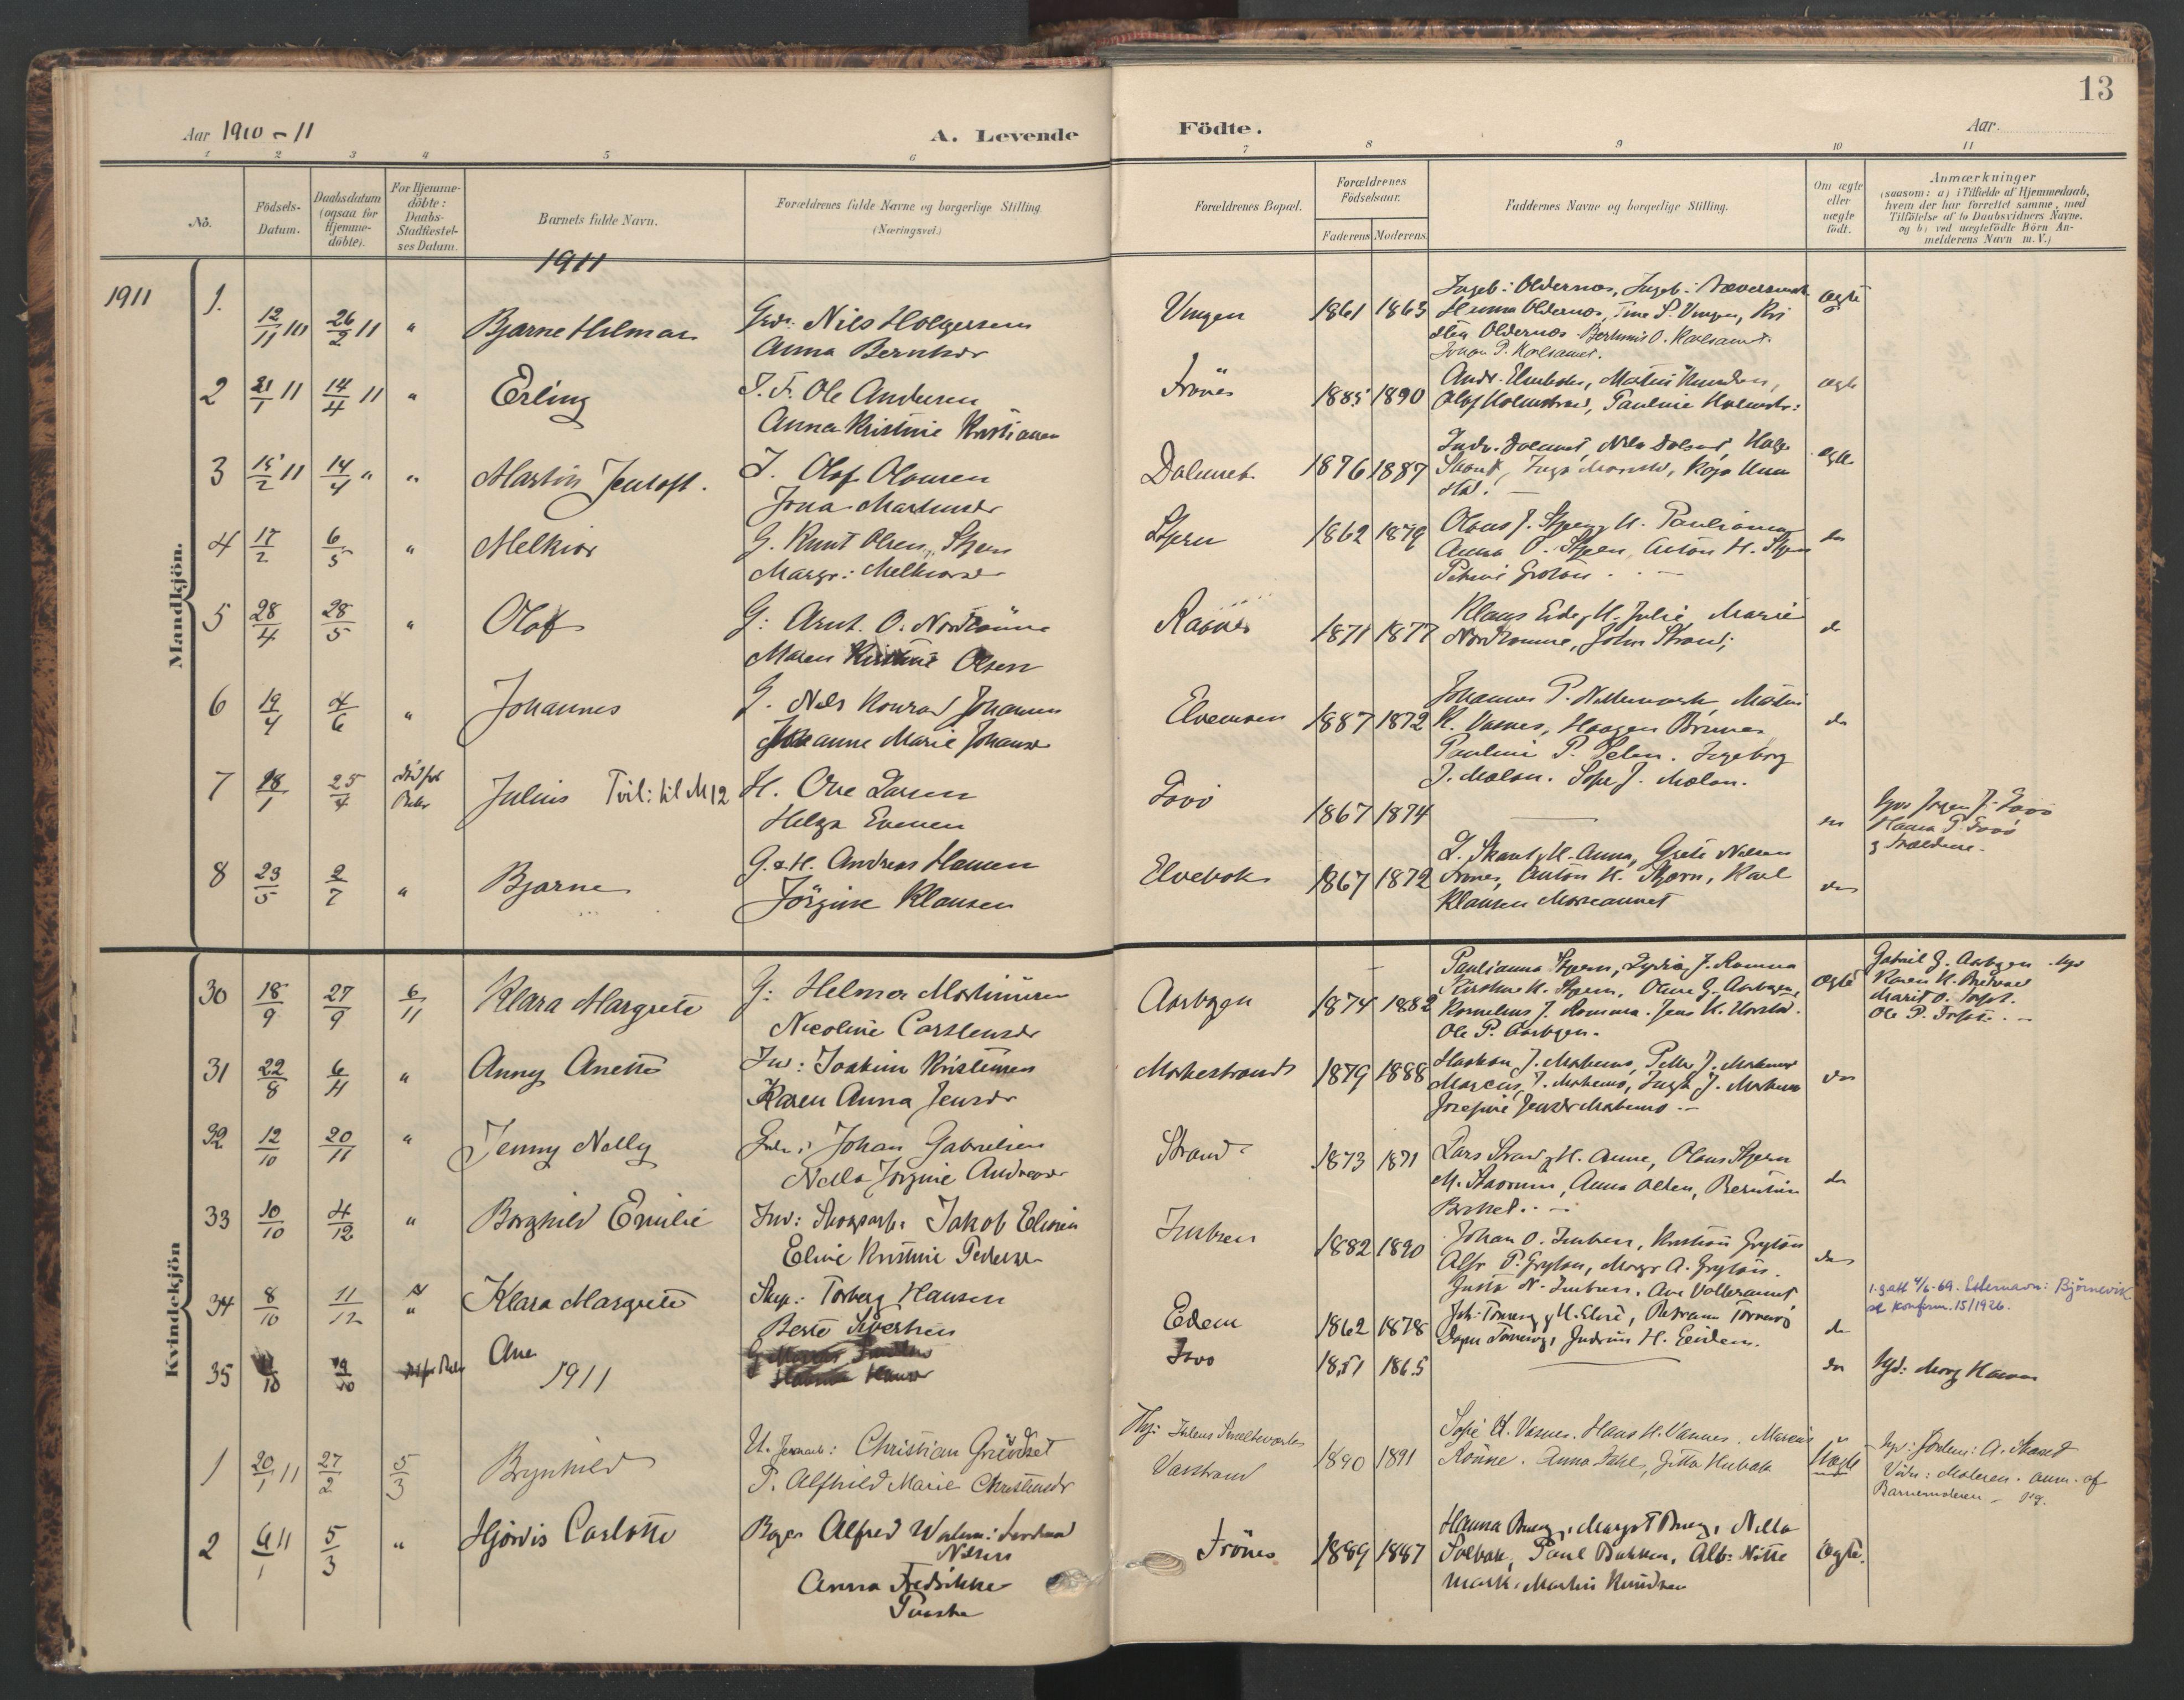 SAT, Ministerialprotokoller, klokkerbøker og fødselsregistre - Sør-Trøndelag, 655/L0682: Ministerialbok nr. 655A11, 1908-1922, s. 13